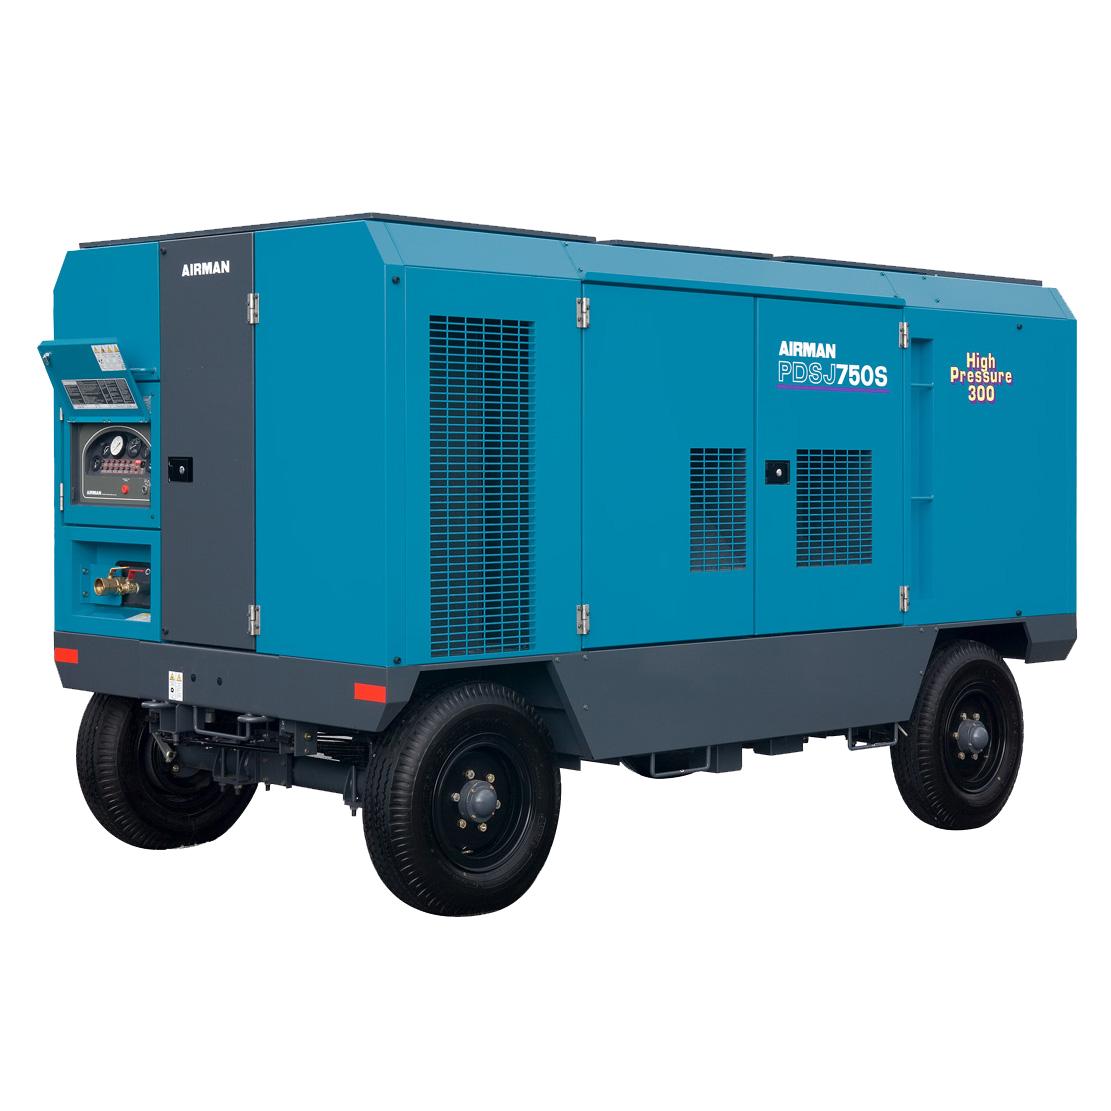 air-compressor-rental